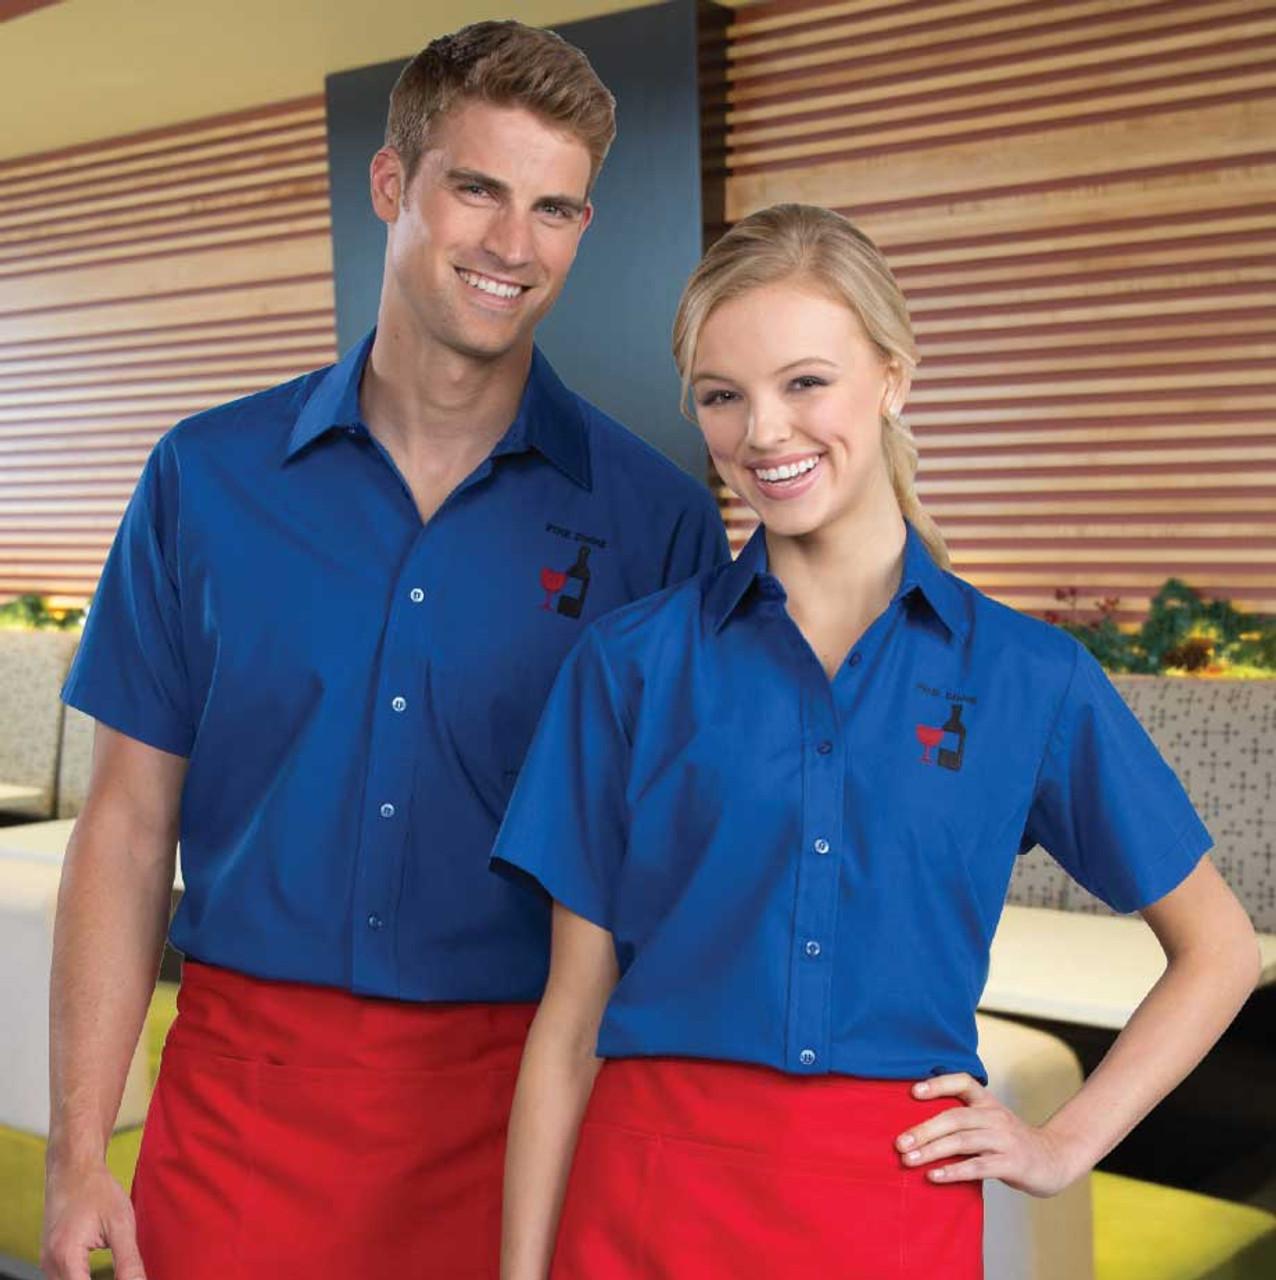 Lightweight Short Sleeve Uniform Shirt for Women